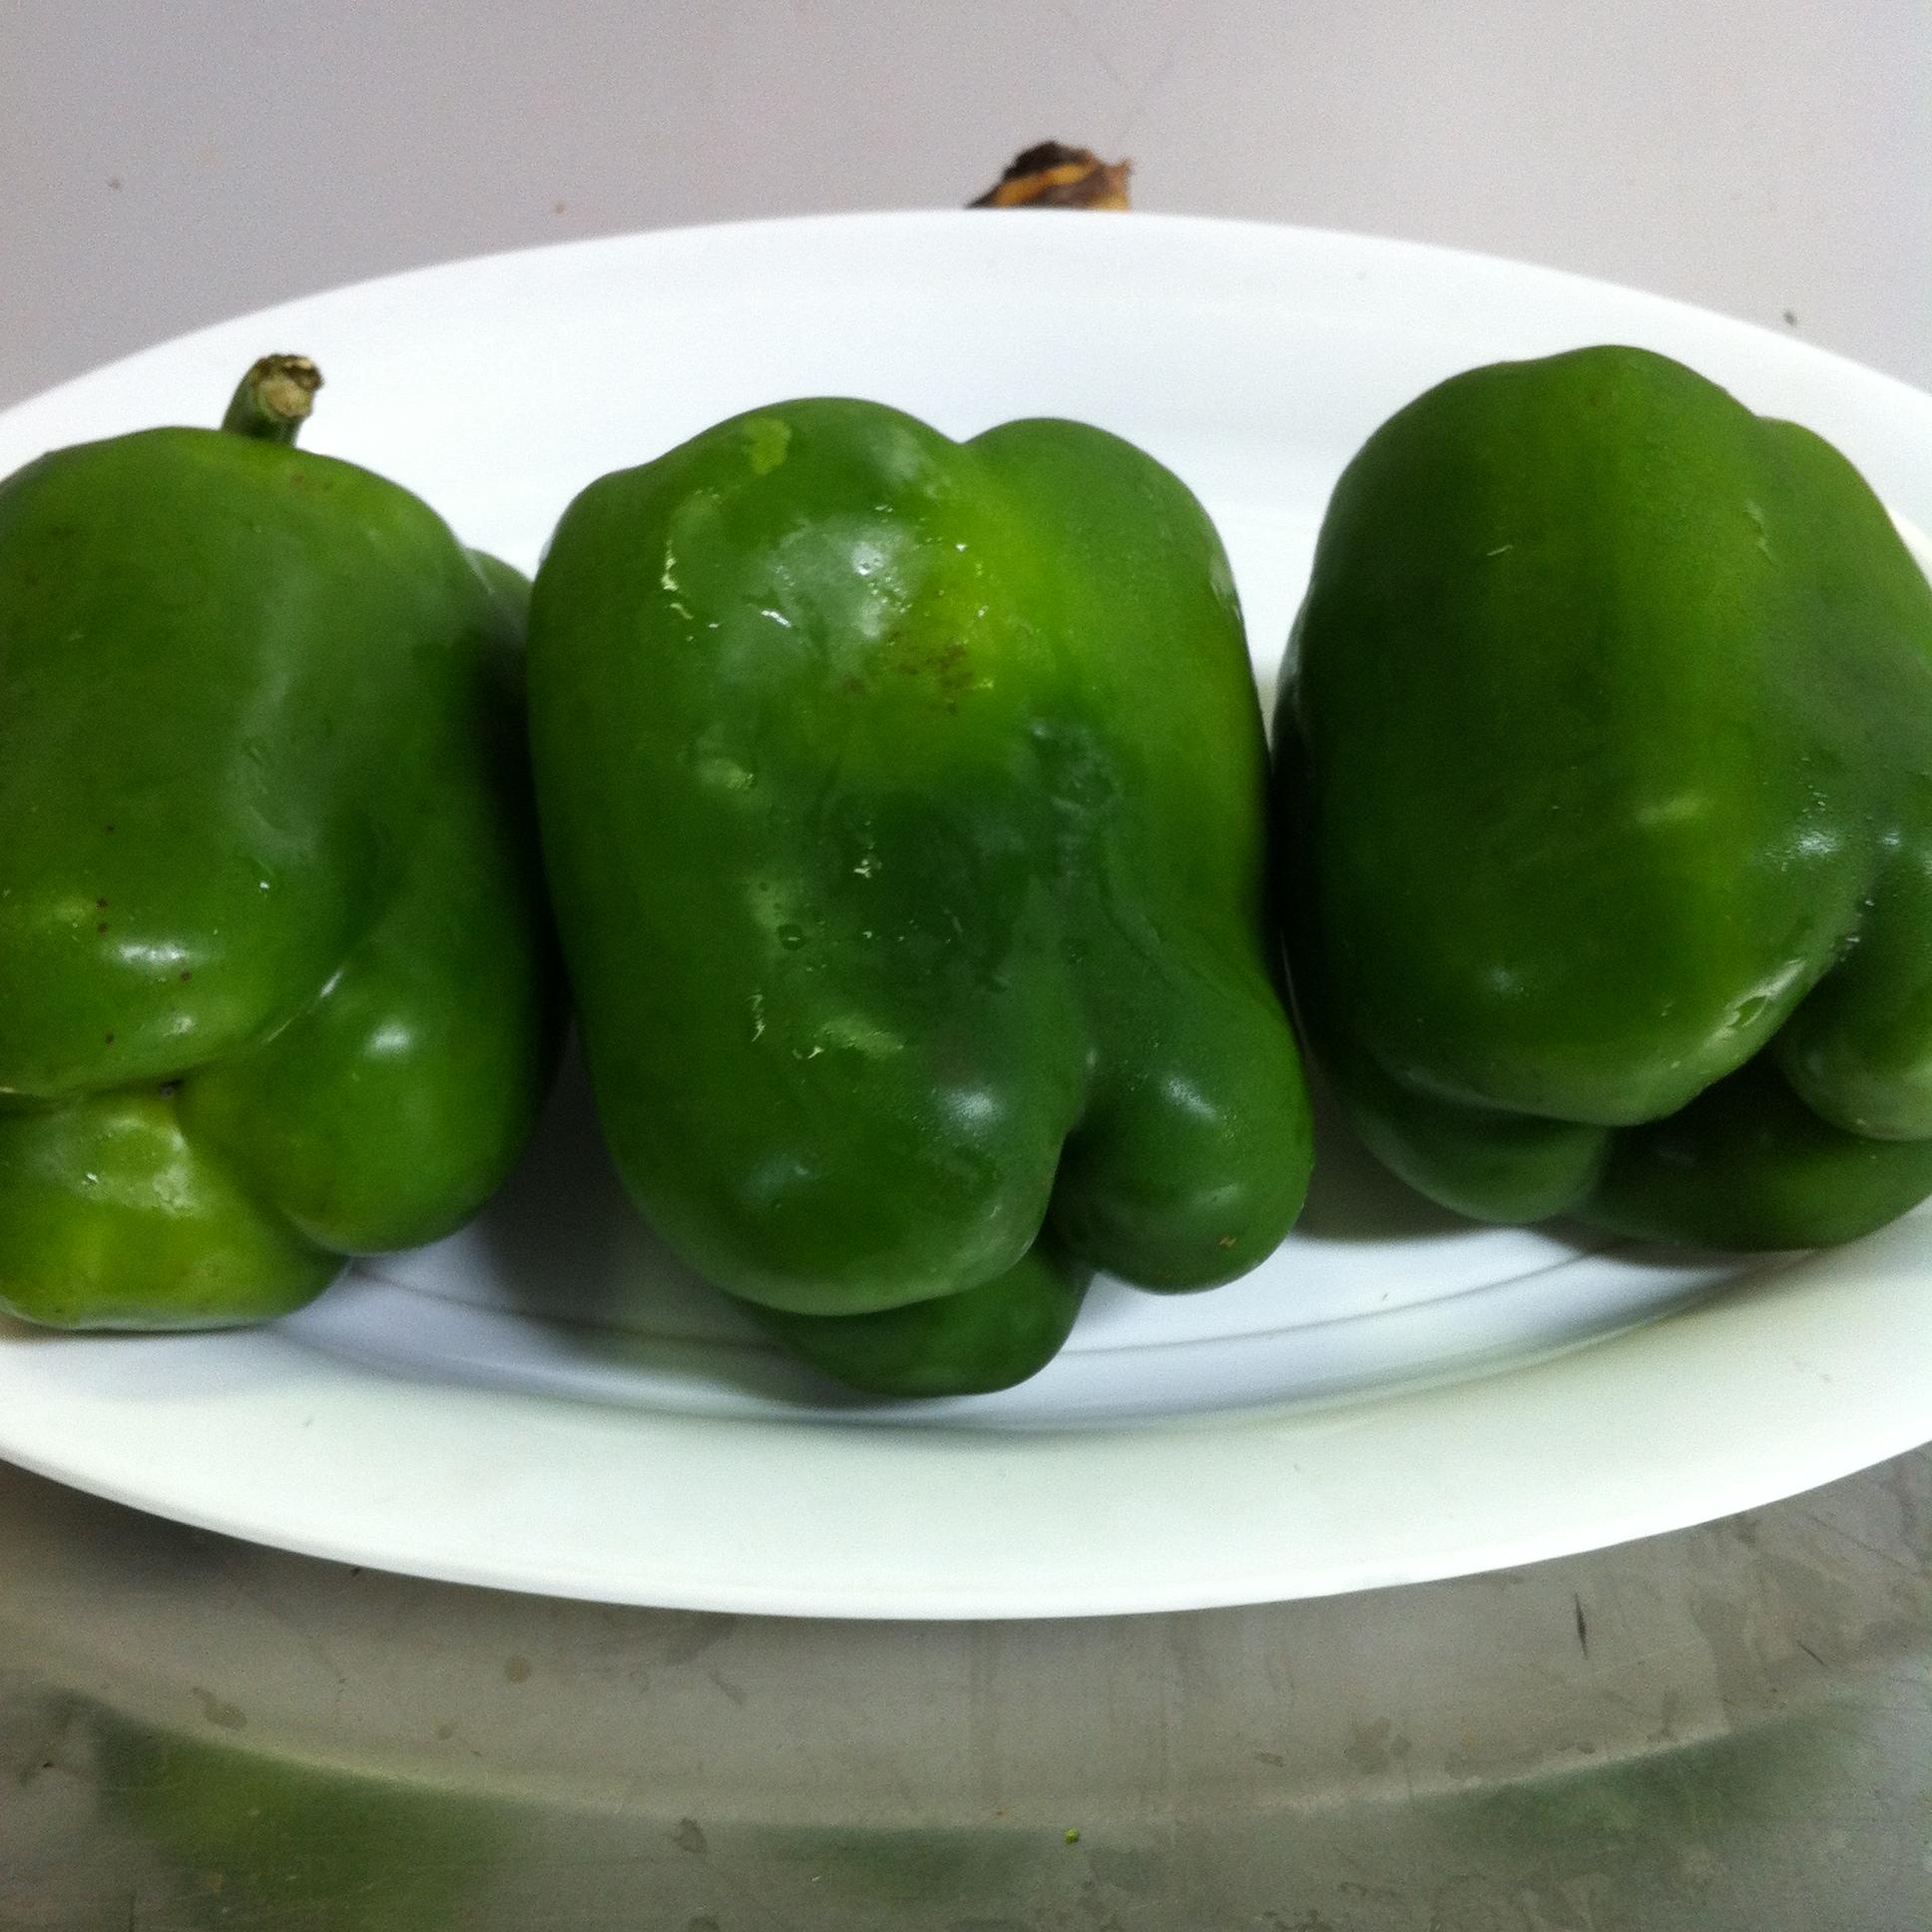 Green Capsicum kg